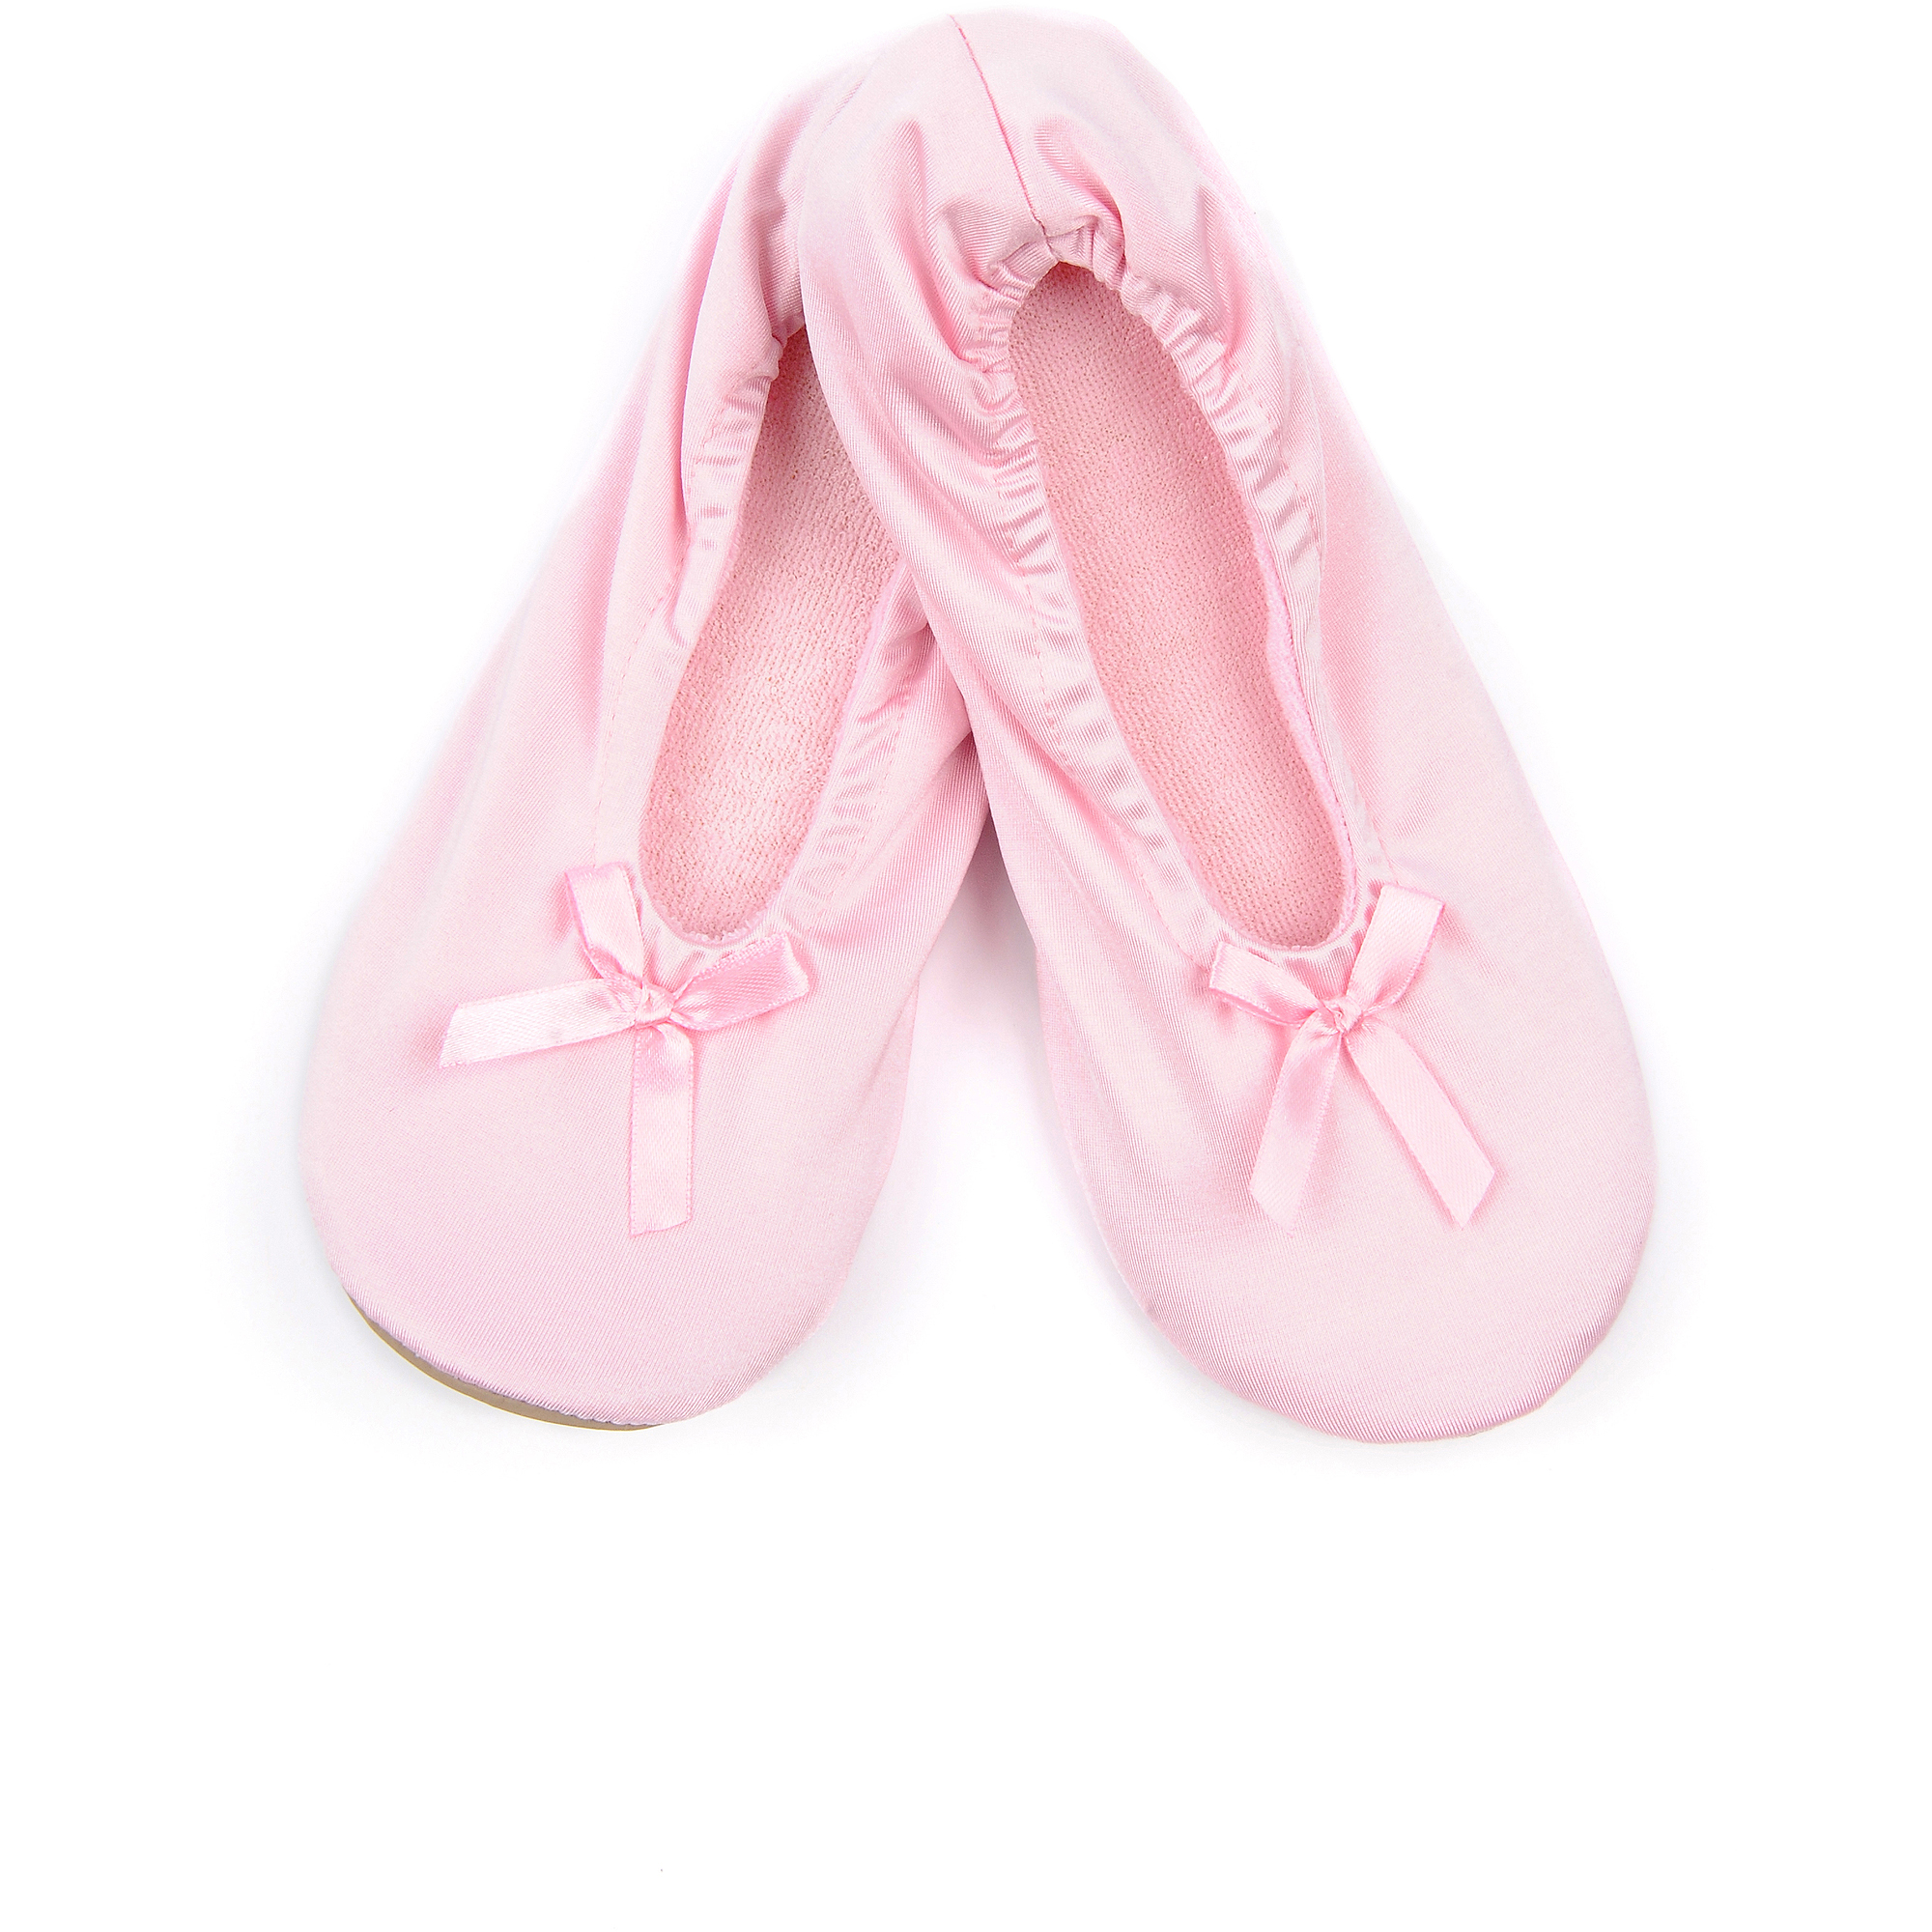 skidders womens satin ballet slippers walmart com